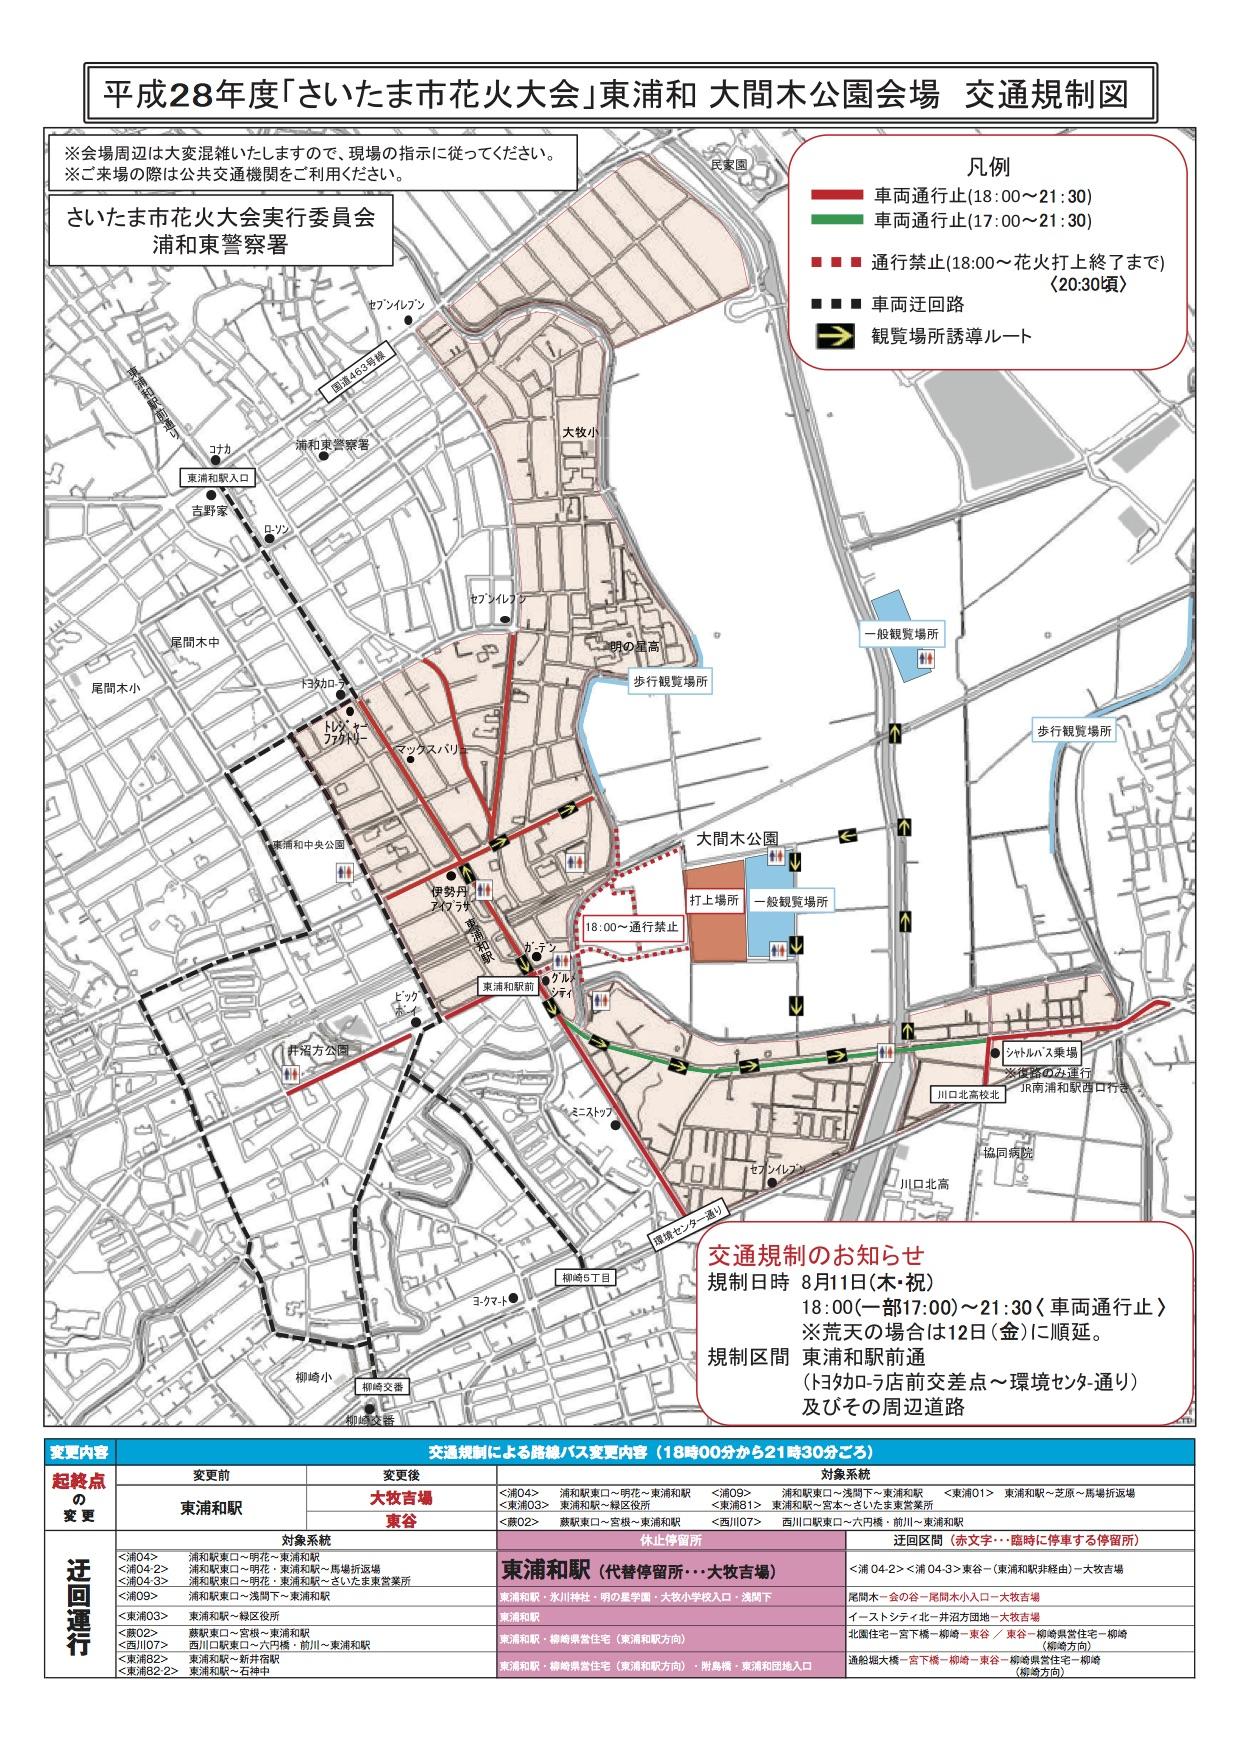 さいたま市花火大会 東浦和 大間木公園会場 交通規制図